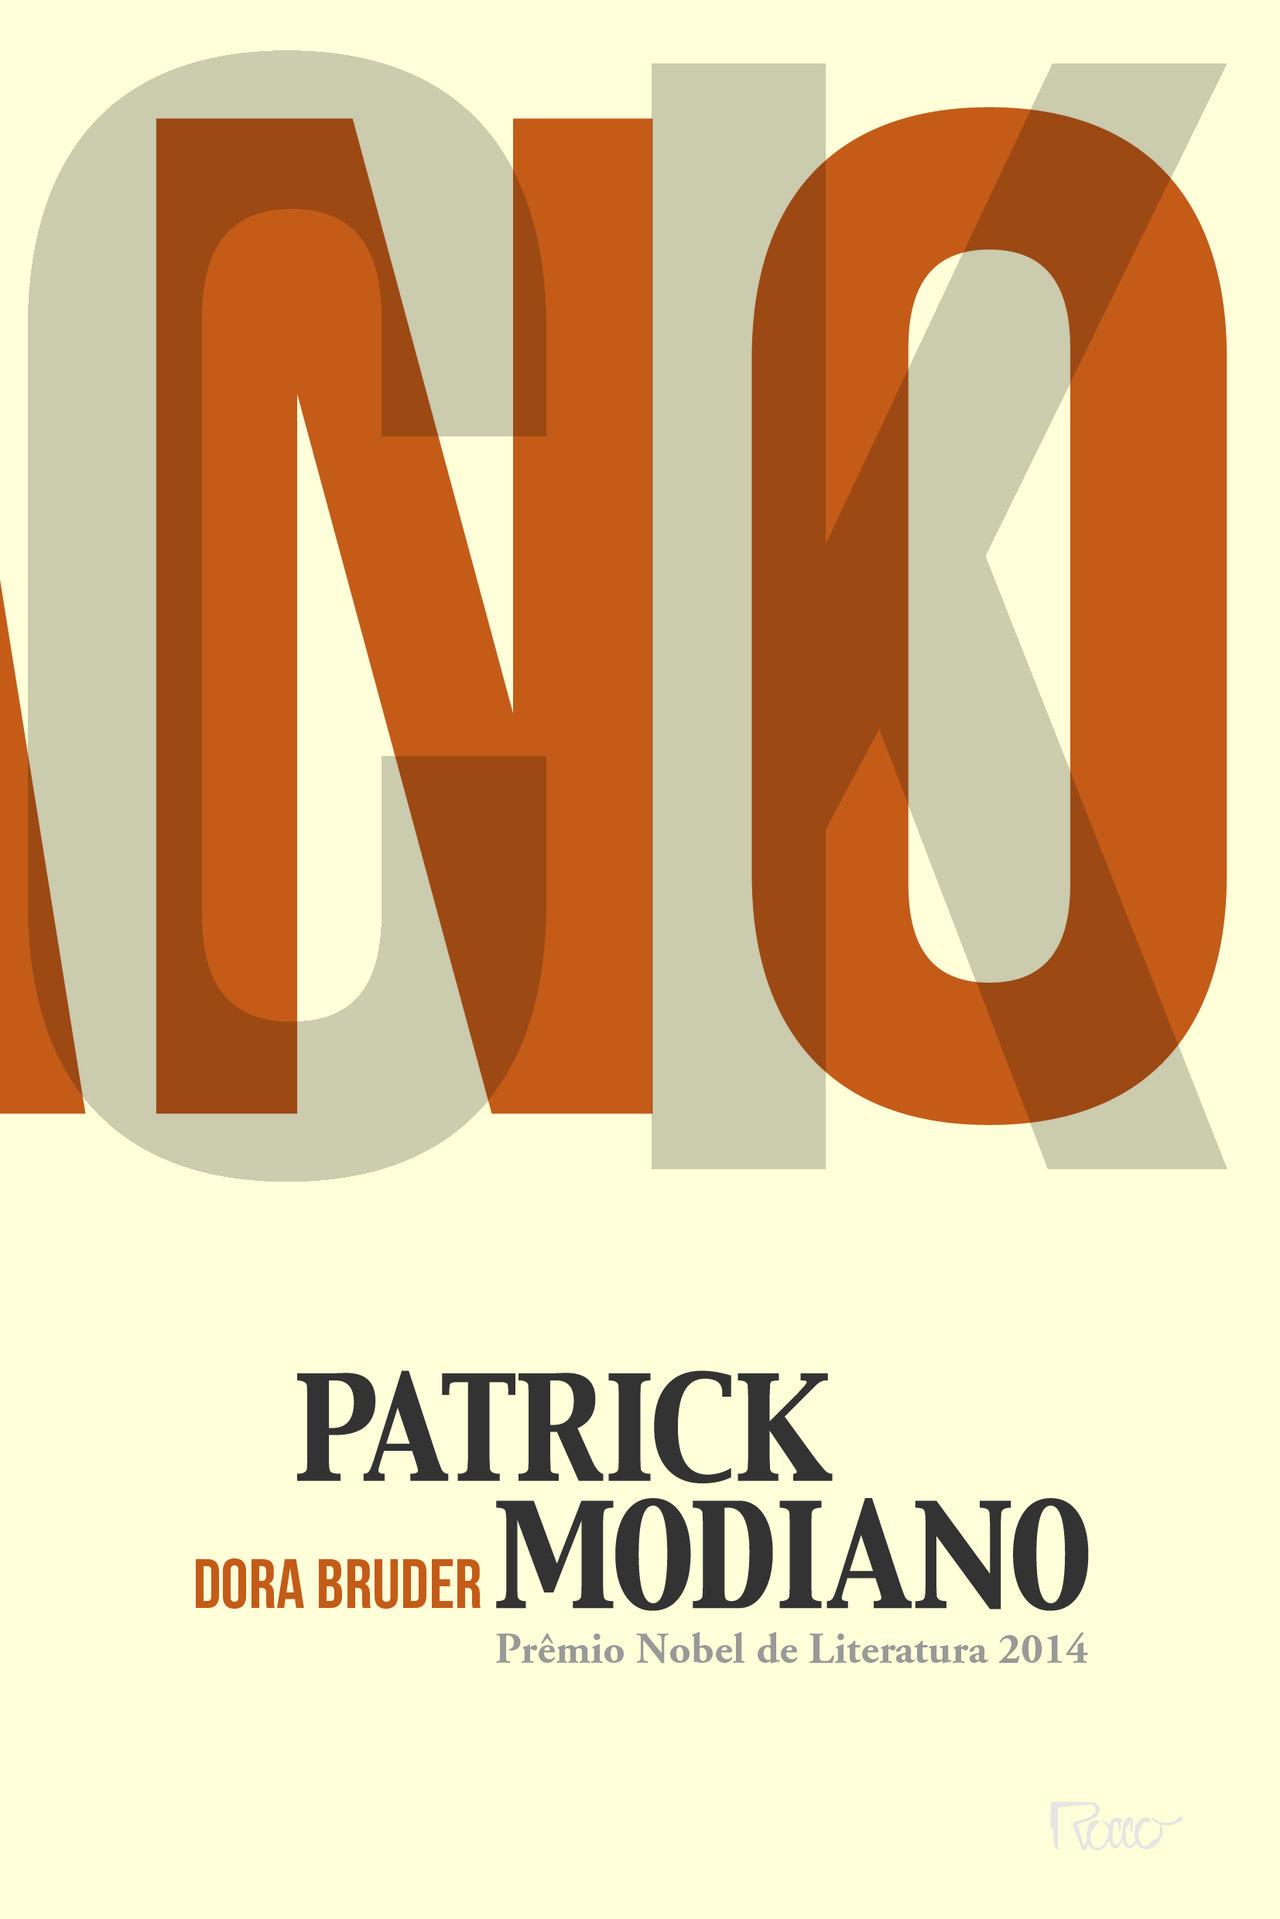 capa do livro No de Patrick Modiano